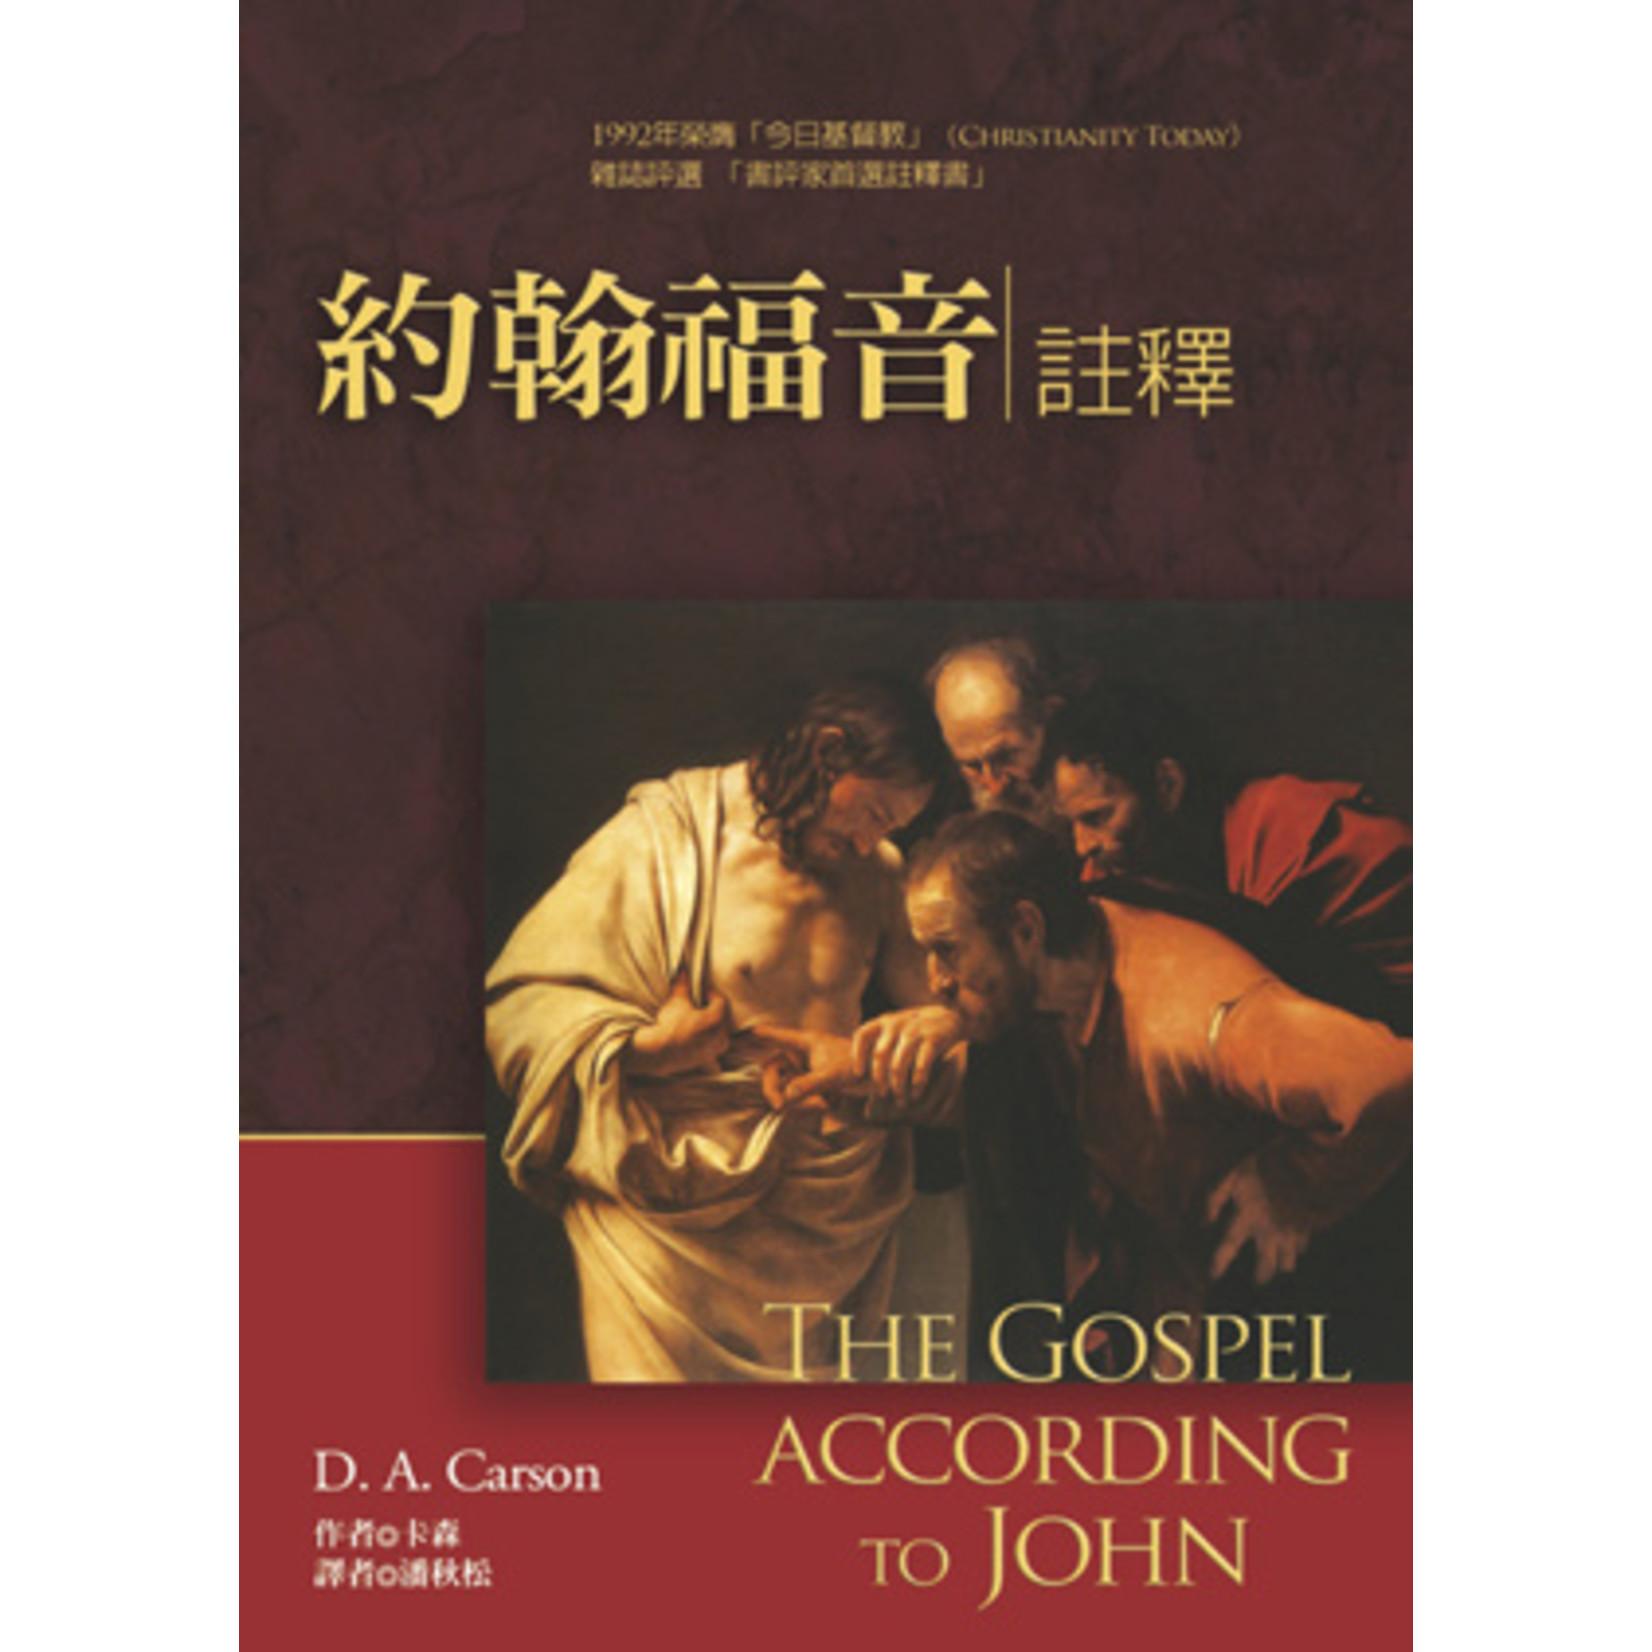 美國麥種傳道會 AKOWCM 麥種聖經註釋:約翰福音 The Gospel according to John (PNTC)